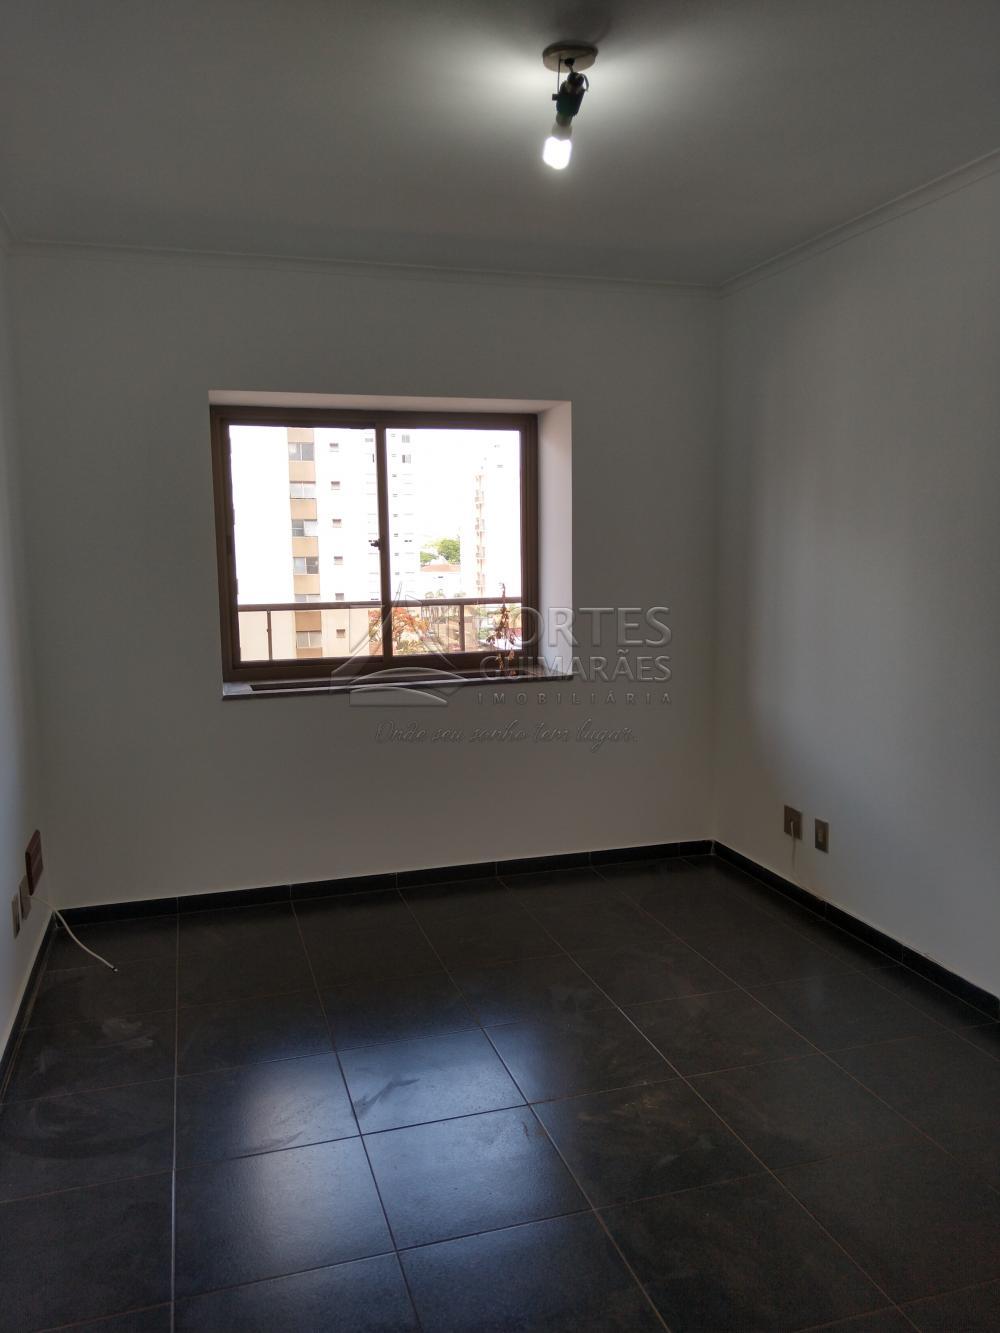 Alugar Apartamentos / Padrão em Ribeirão Preto apenas R$ 1.700,00 - Foto 13